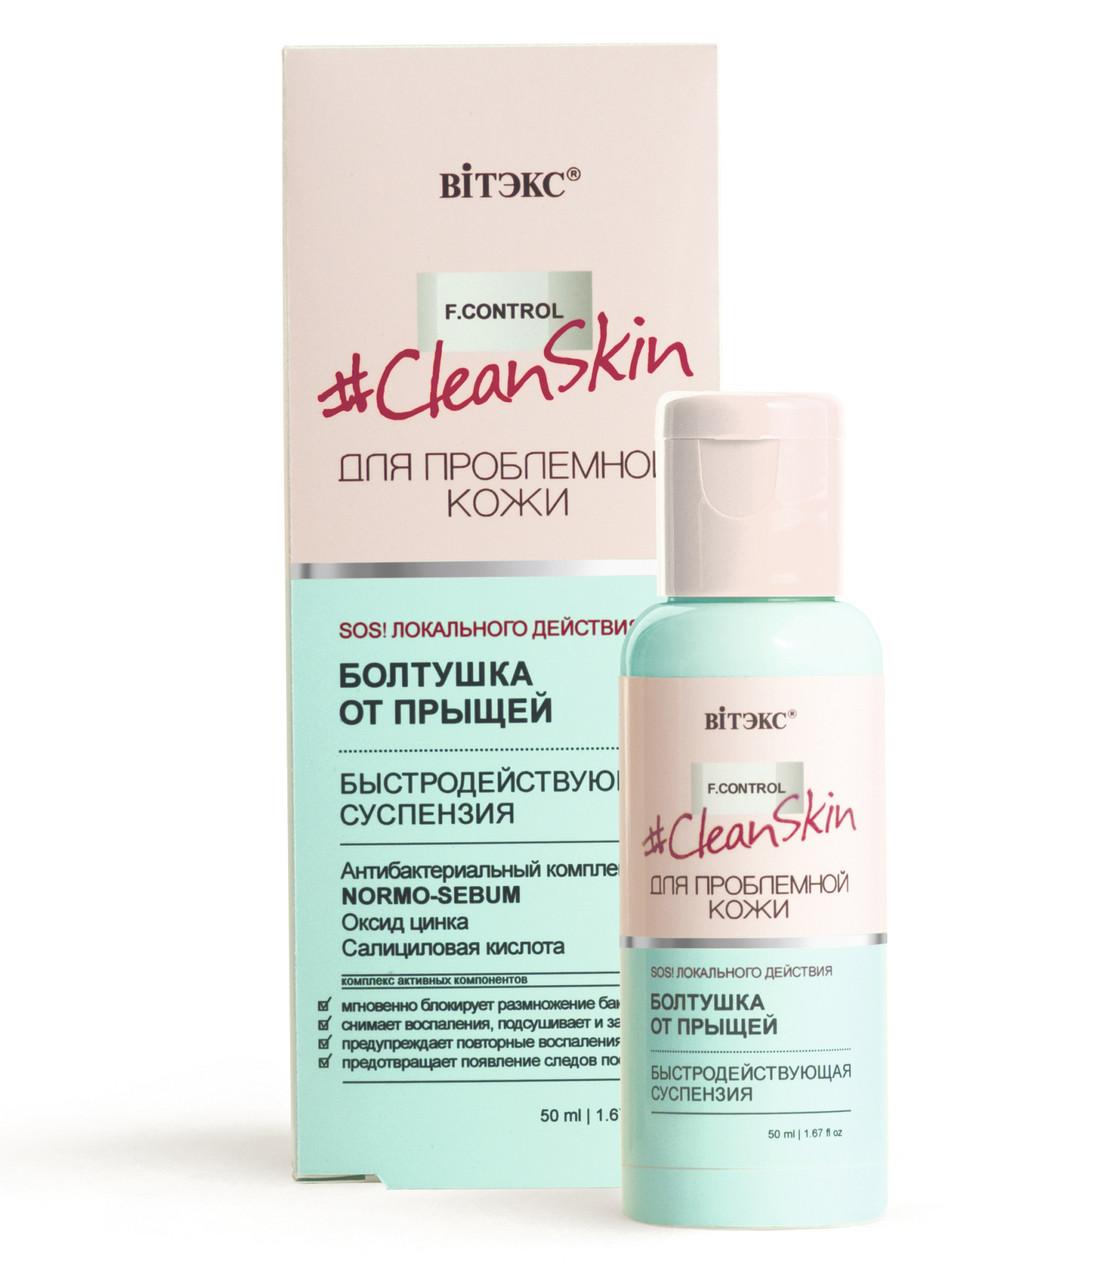 Суспензия BITЭКС Clean Skin Болтушка от прыщей быстродействующая